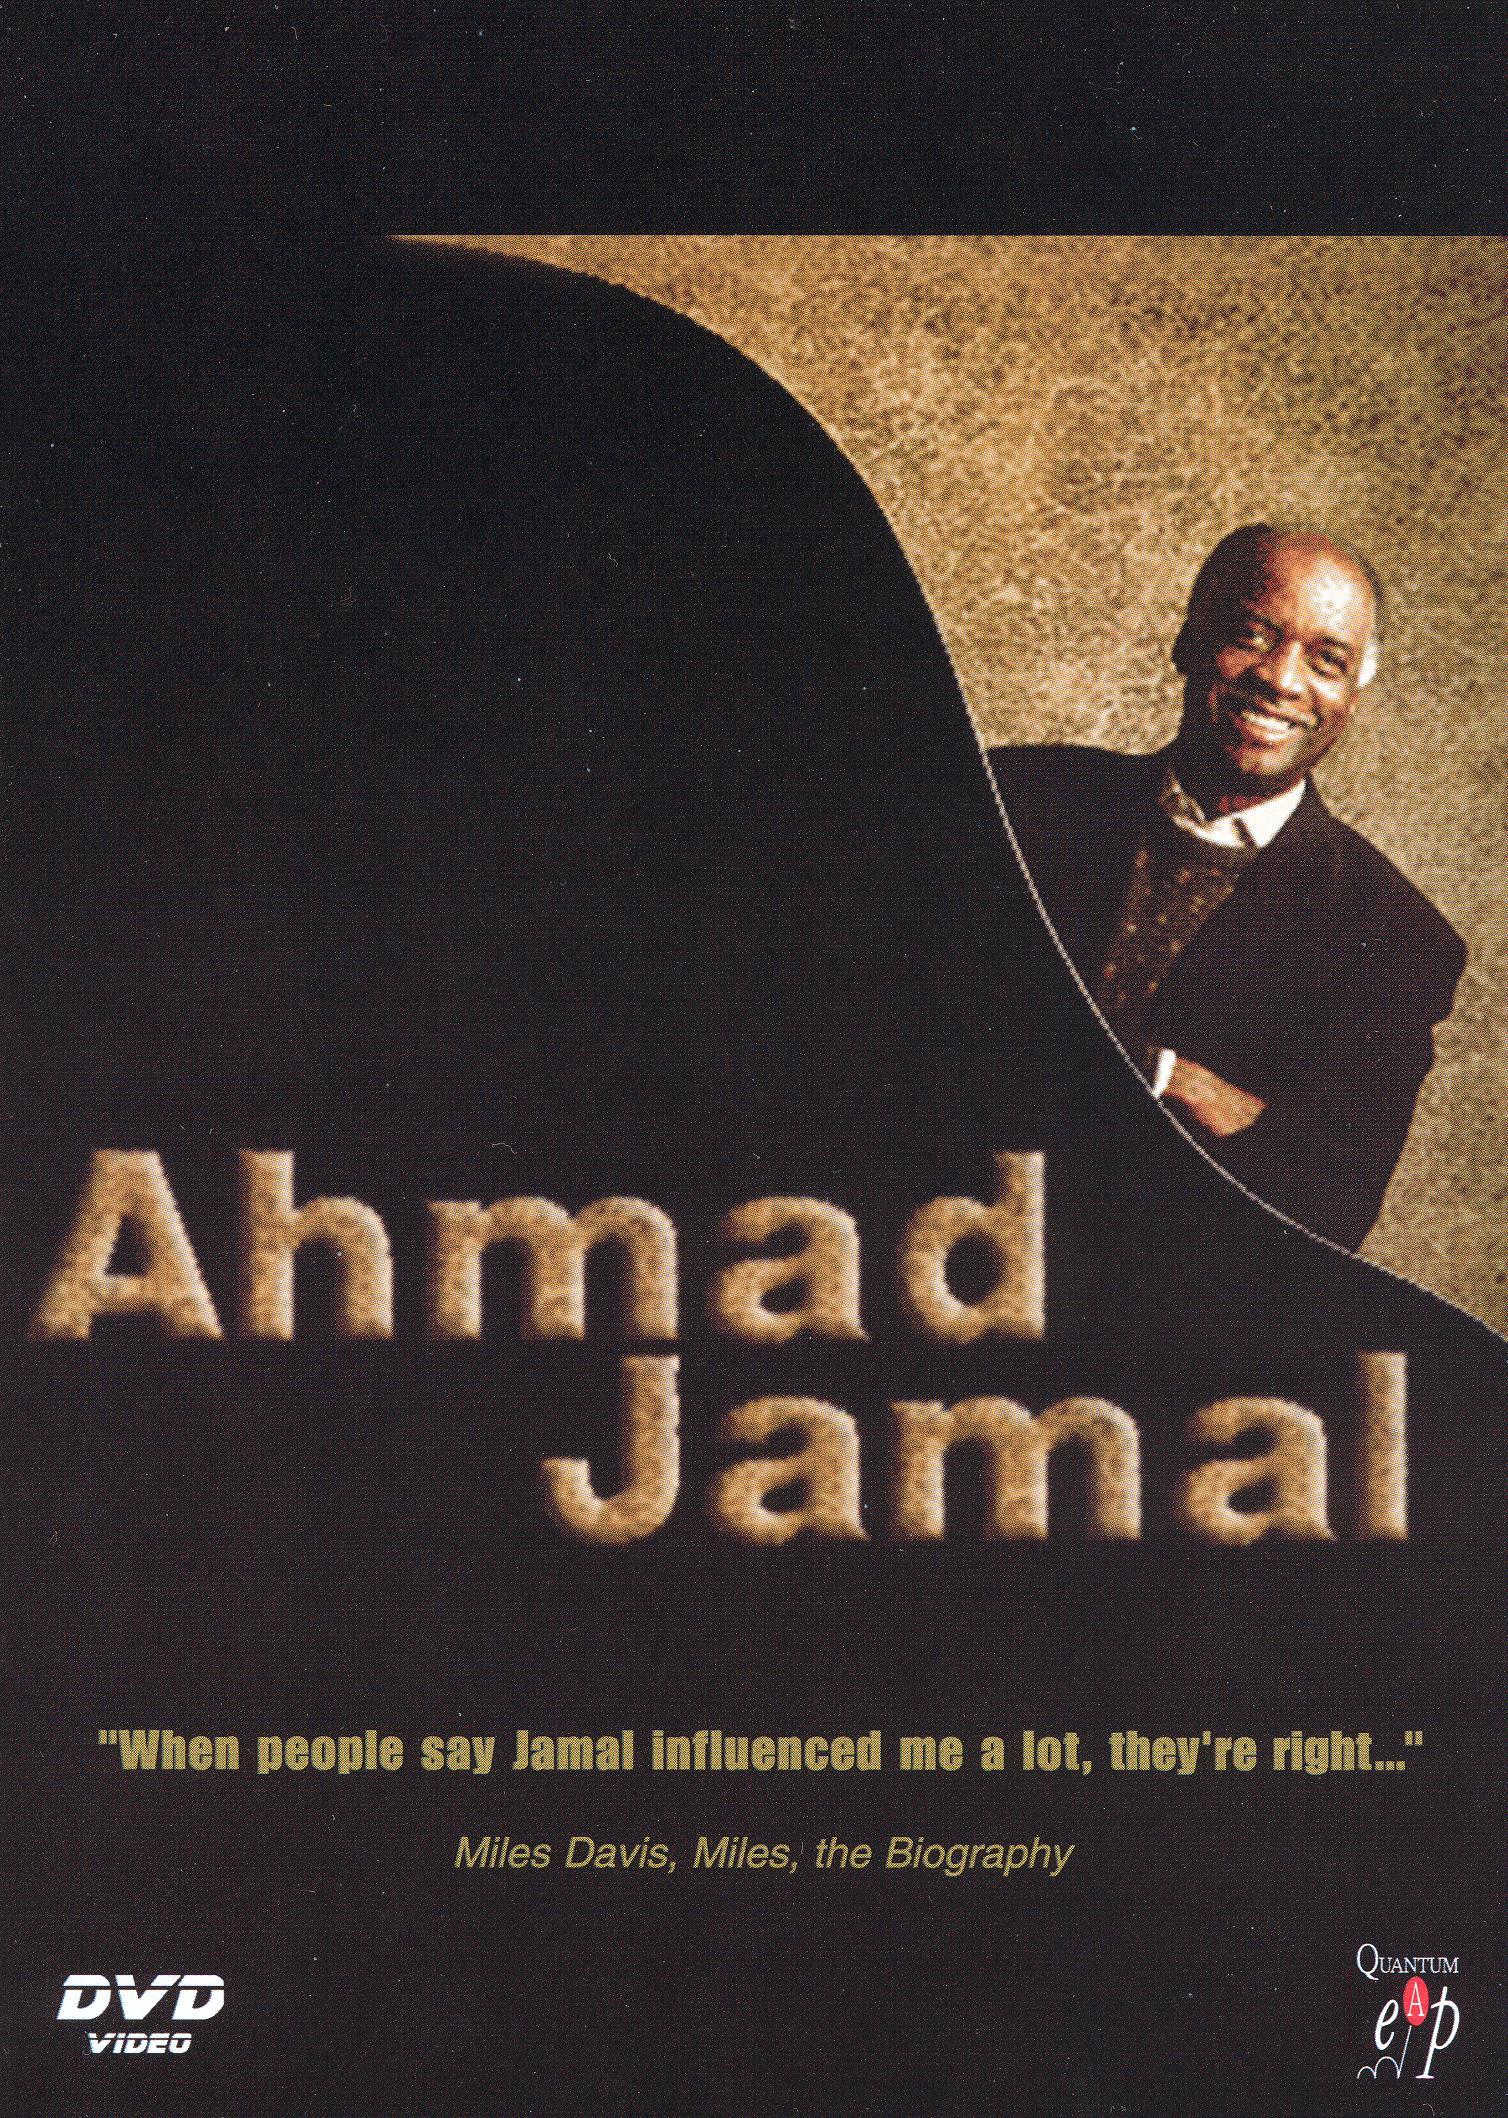 Ahmad Jamal Live